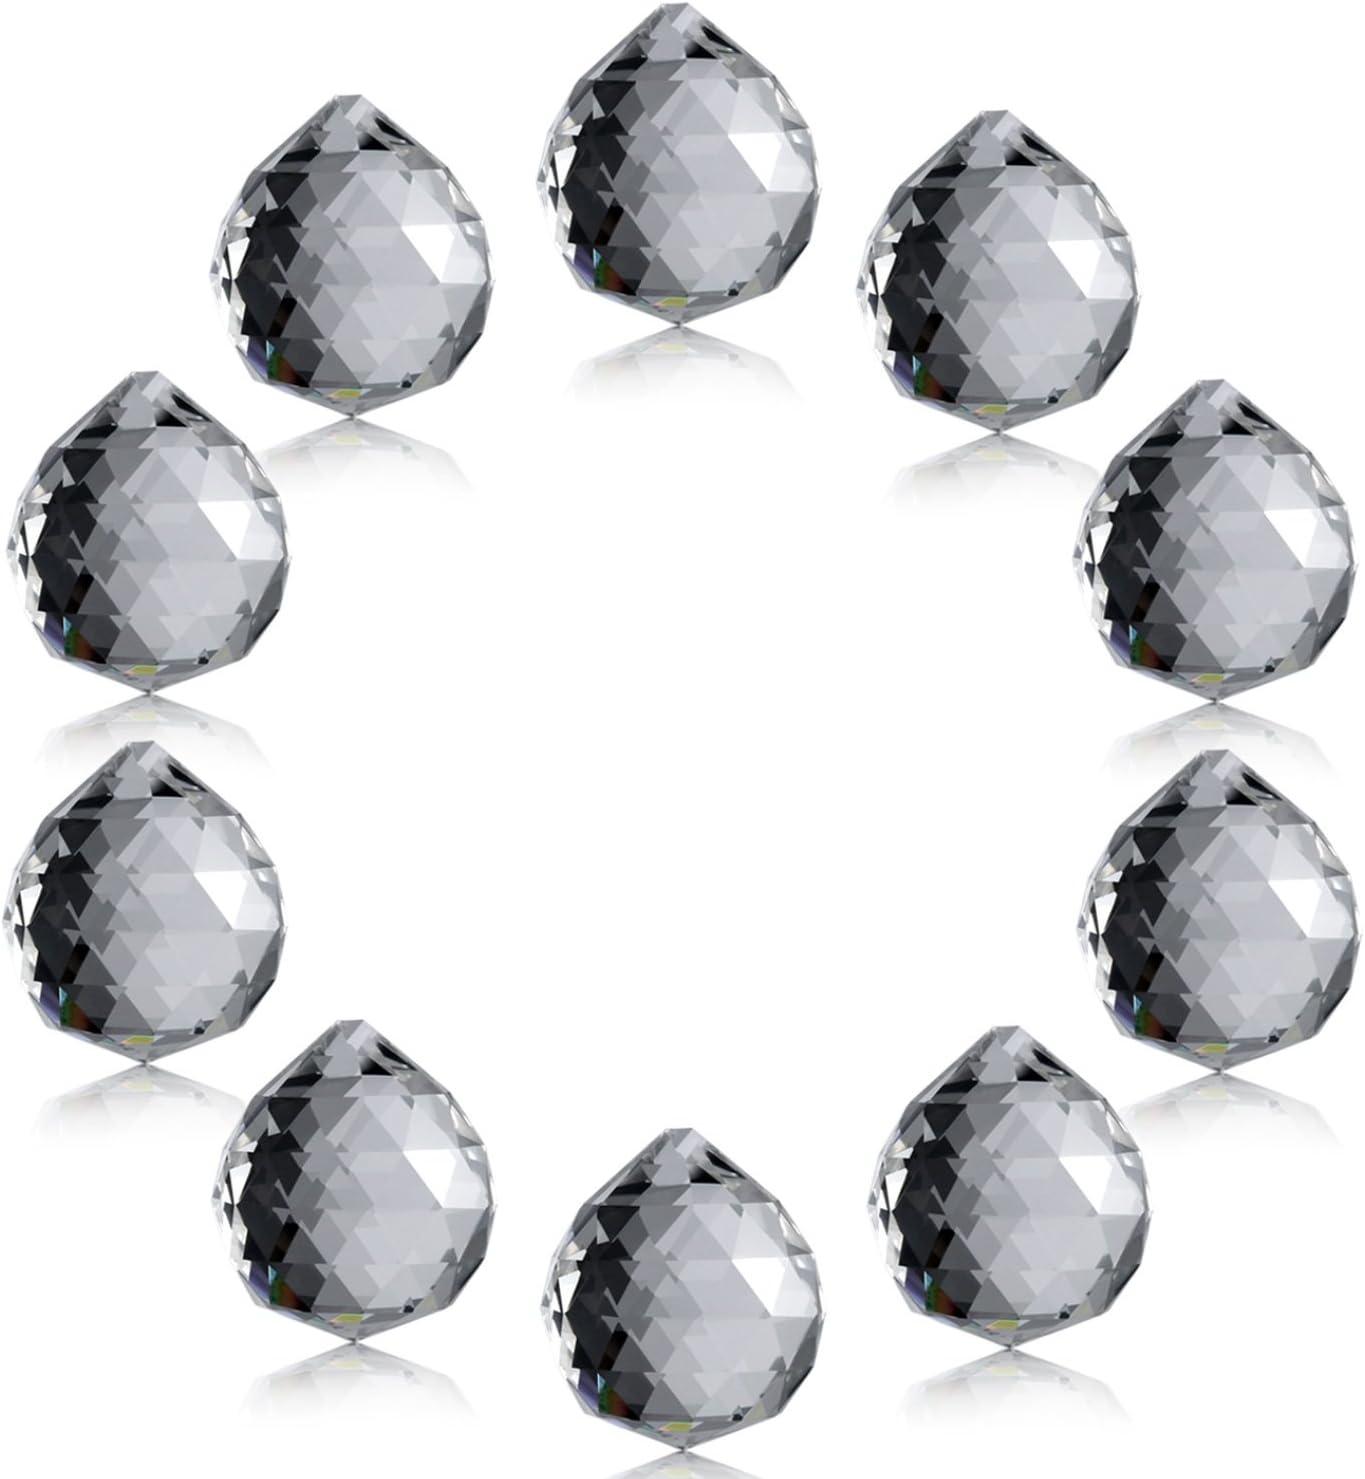 Adivinaci/ón o Boda Oficina Decoraci/ón Neewer 20-Pack 40mm Bola de Cristal Transparente Prisma Colgante Colector Solar para Feng Shui Hogar